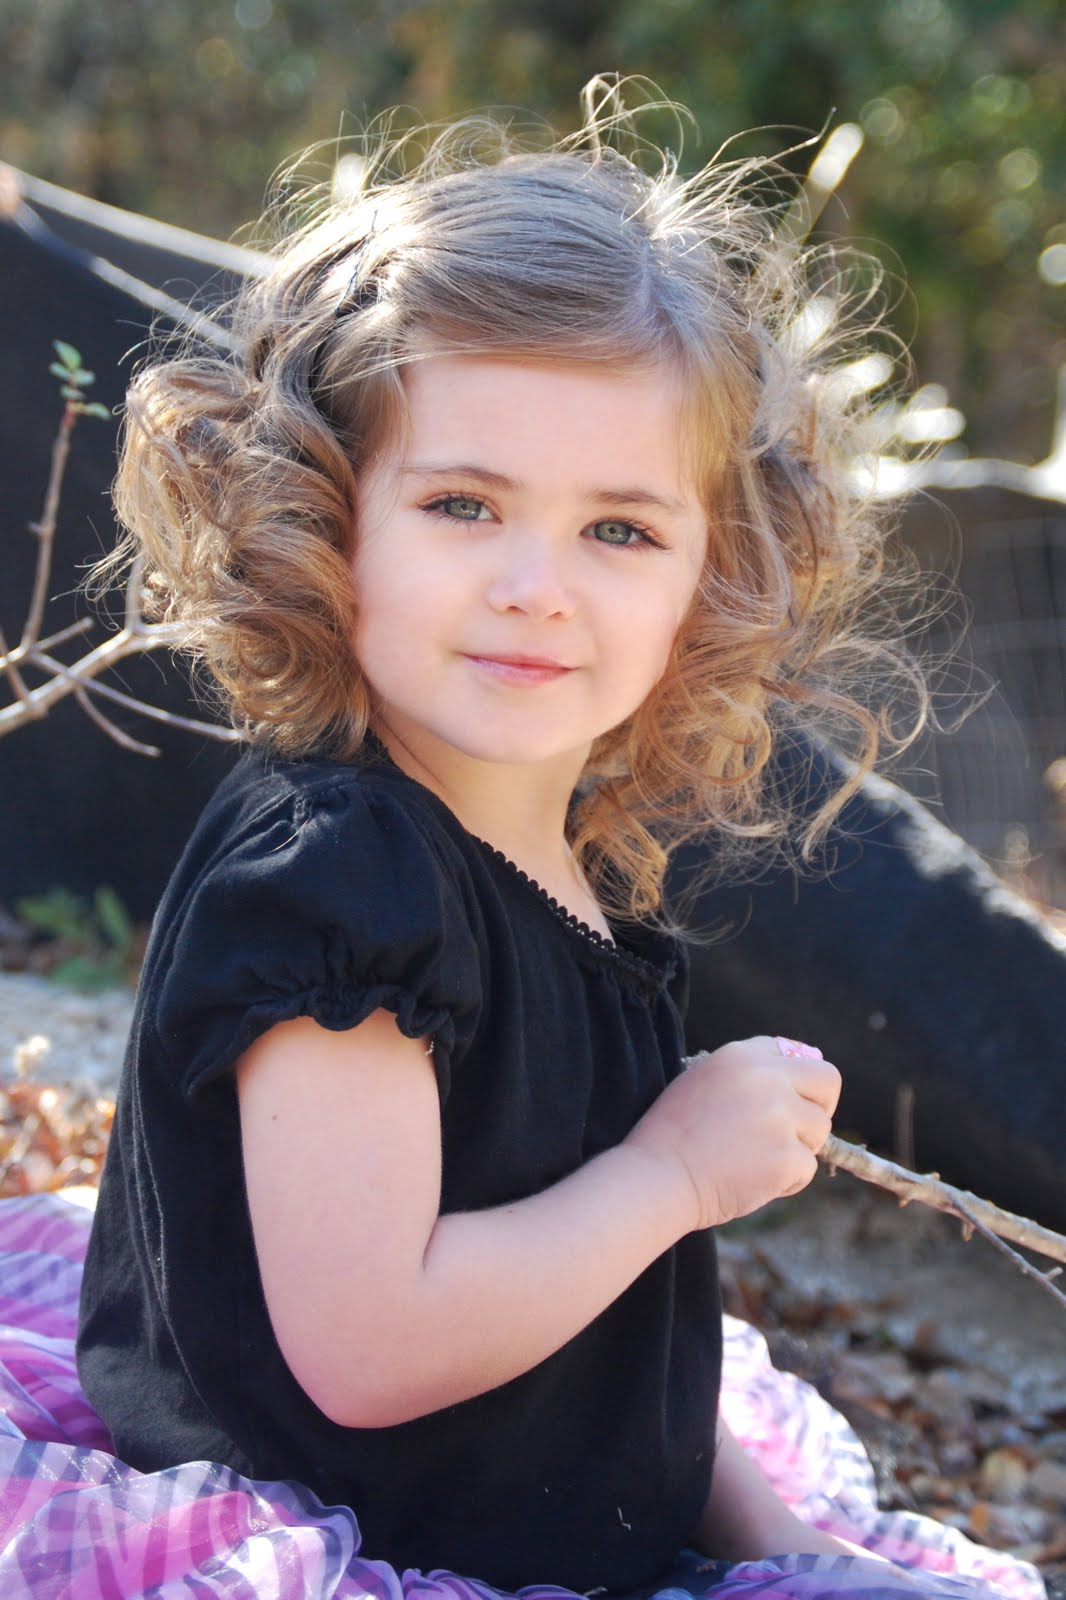 بالصور صور بنات صغار حلوات , اجمل صور لبنات صغيره جميله 3664 13